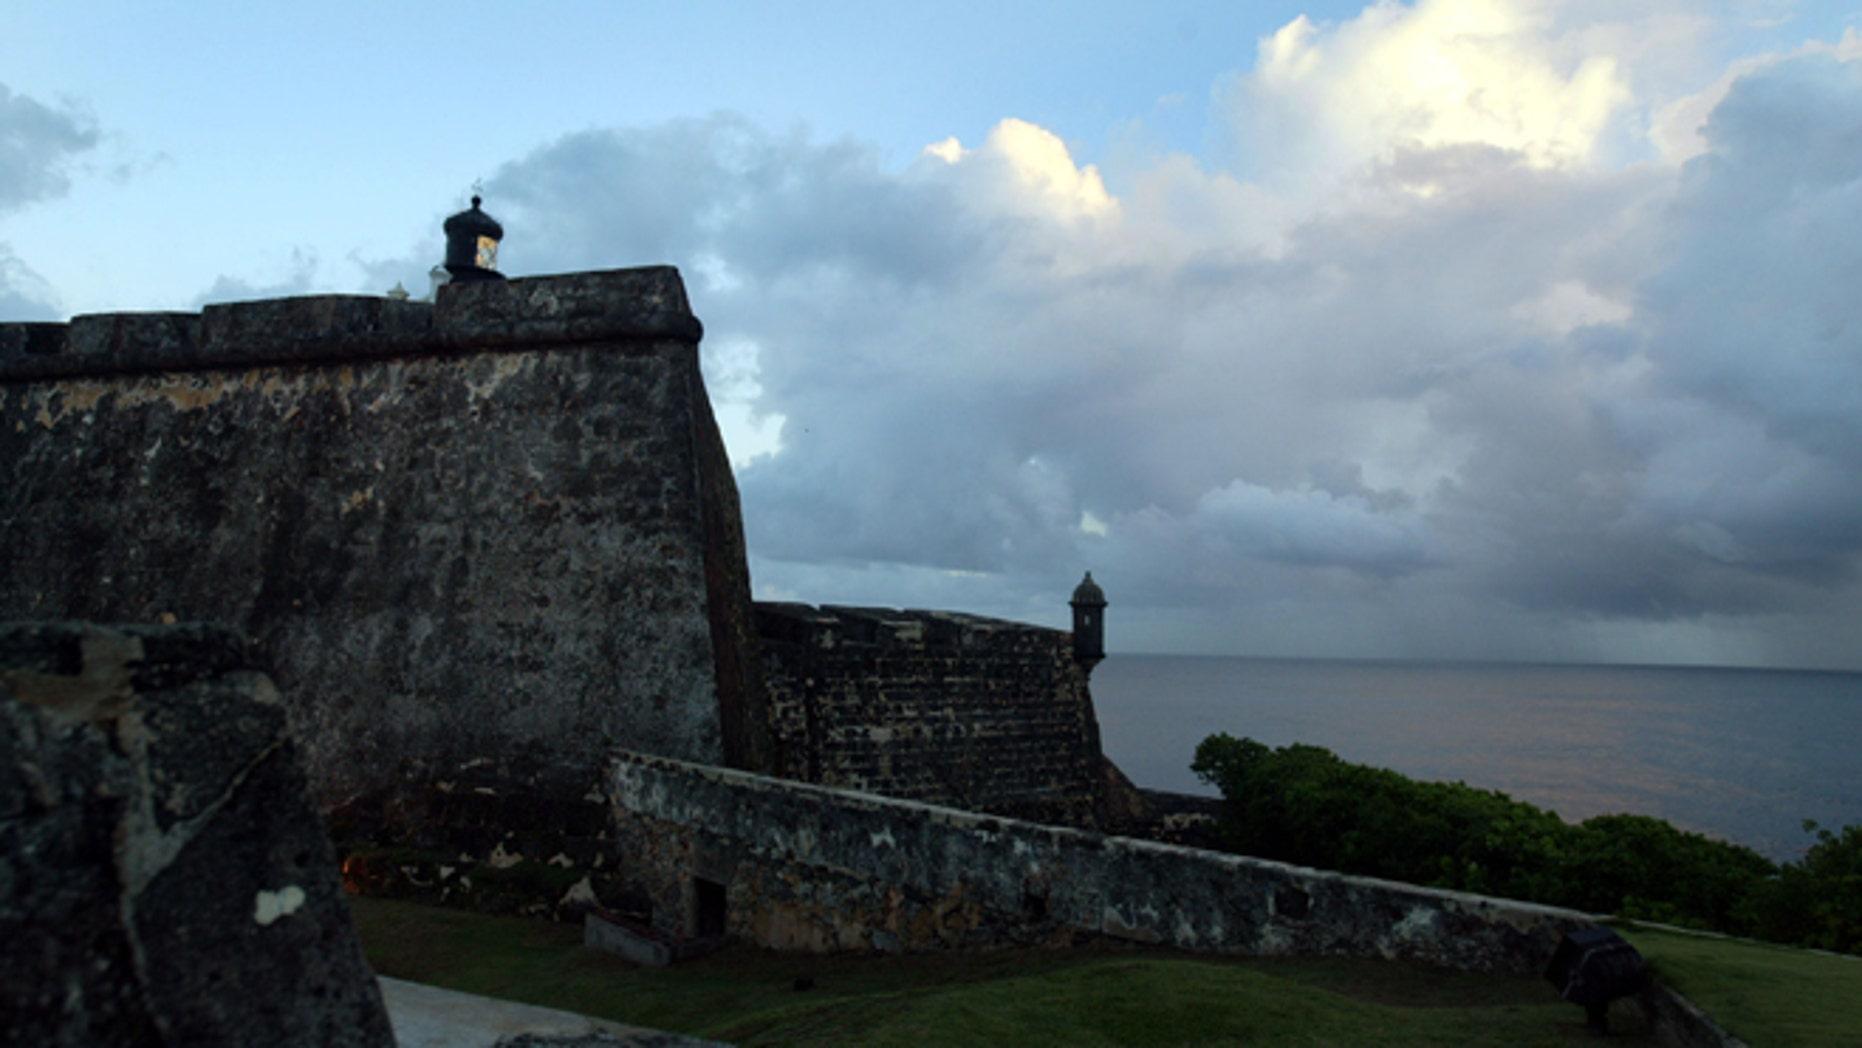 Stone walls surround the Castillo de San Felipe del Morro April 26, 2004 in Old San Juan.